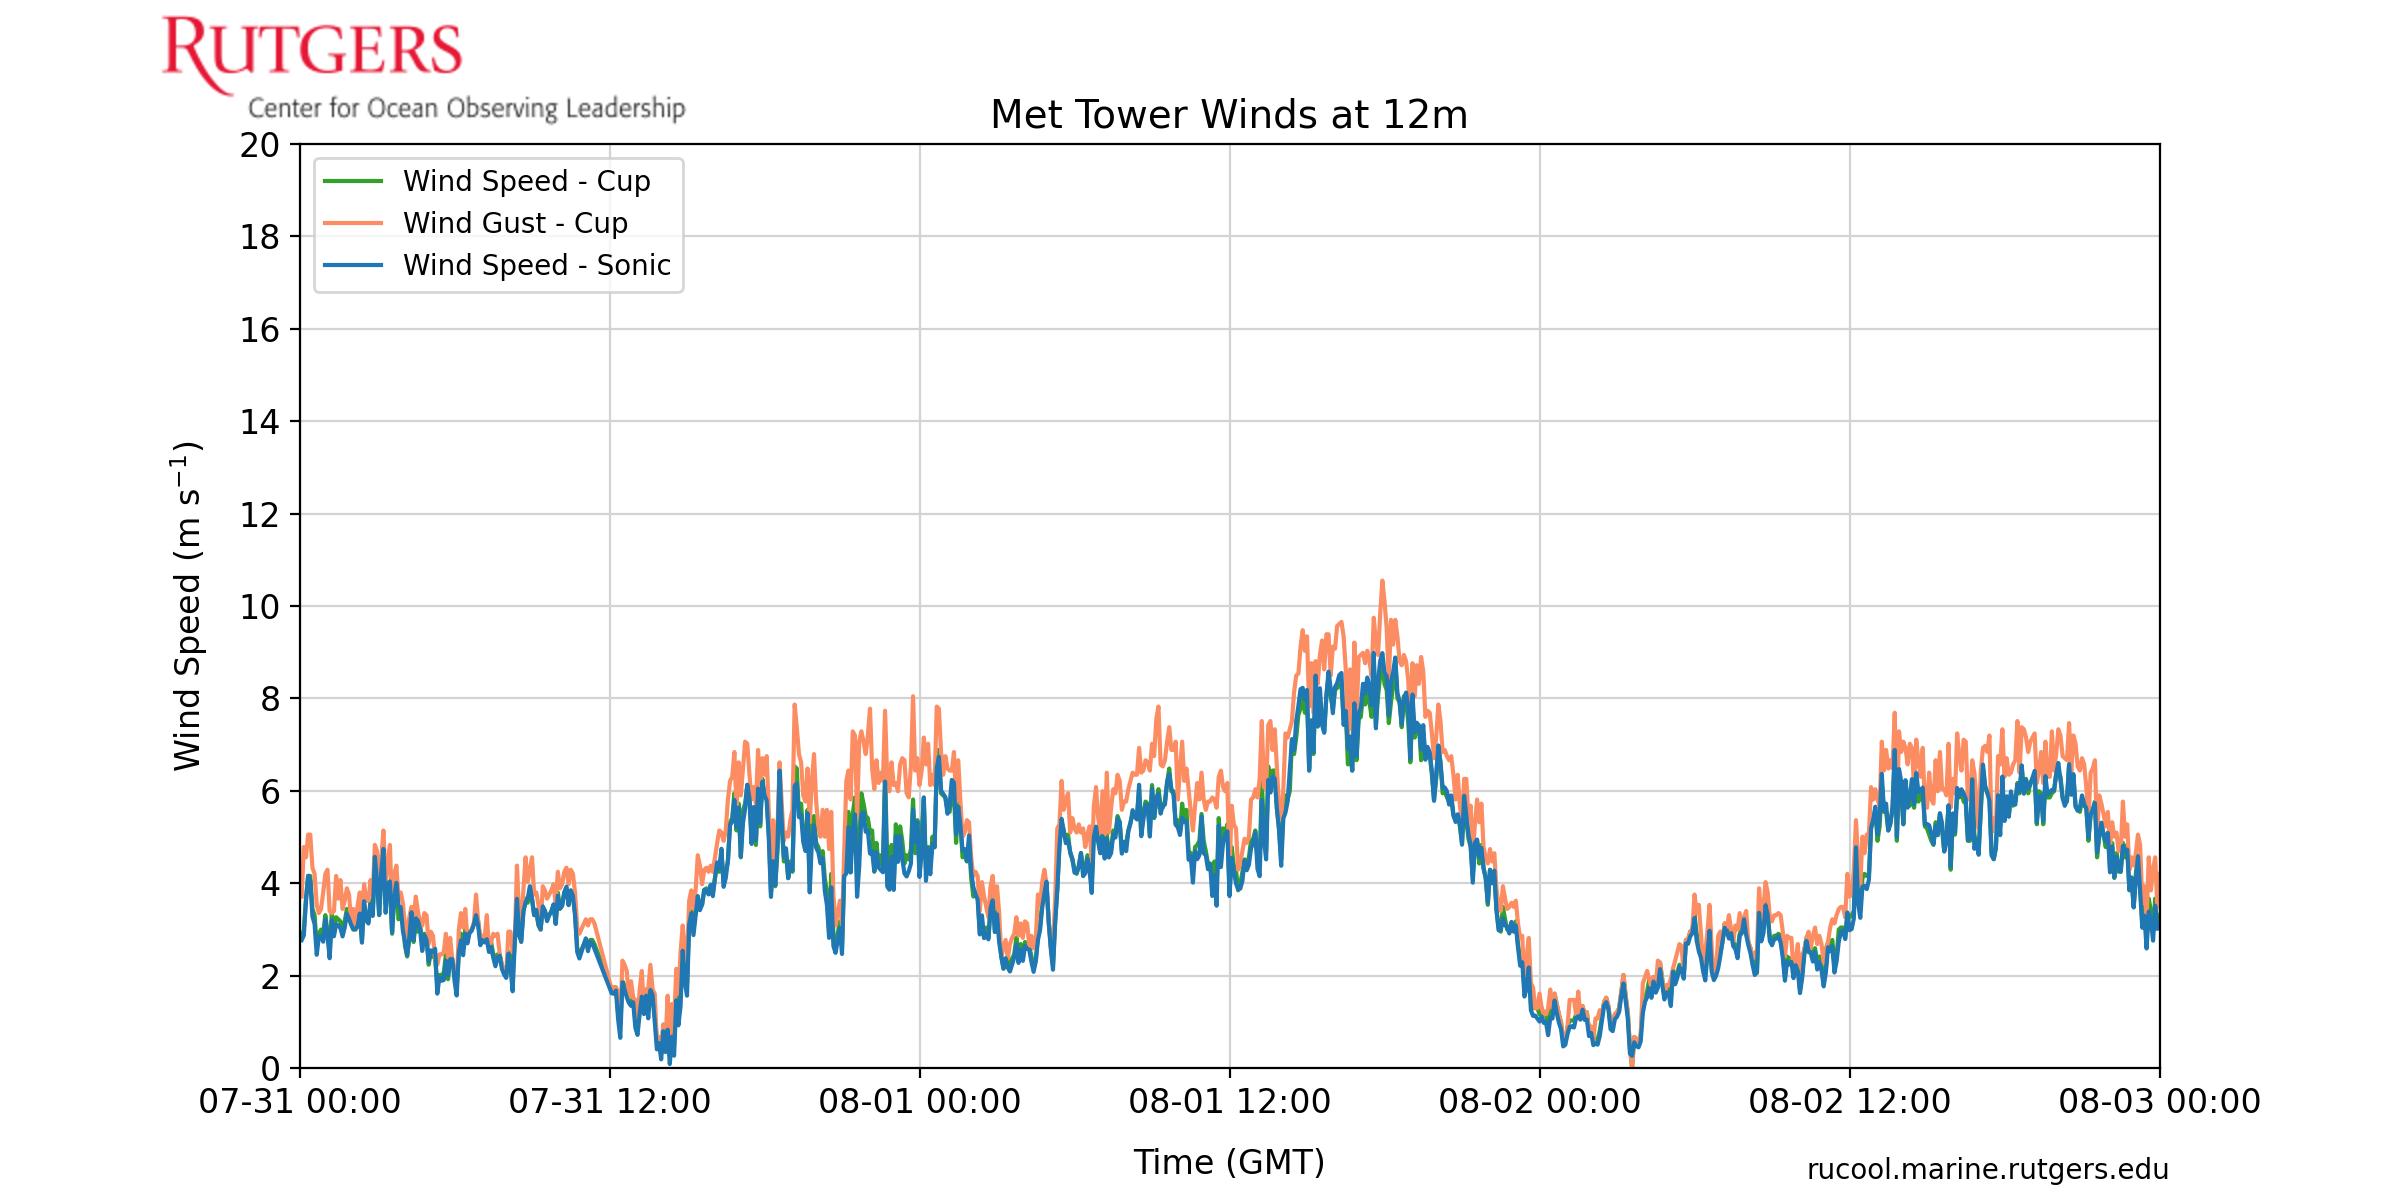 Met Tower Wind Speed